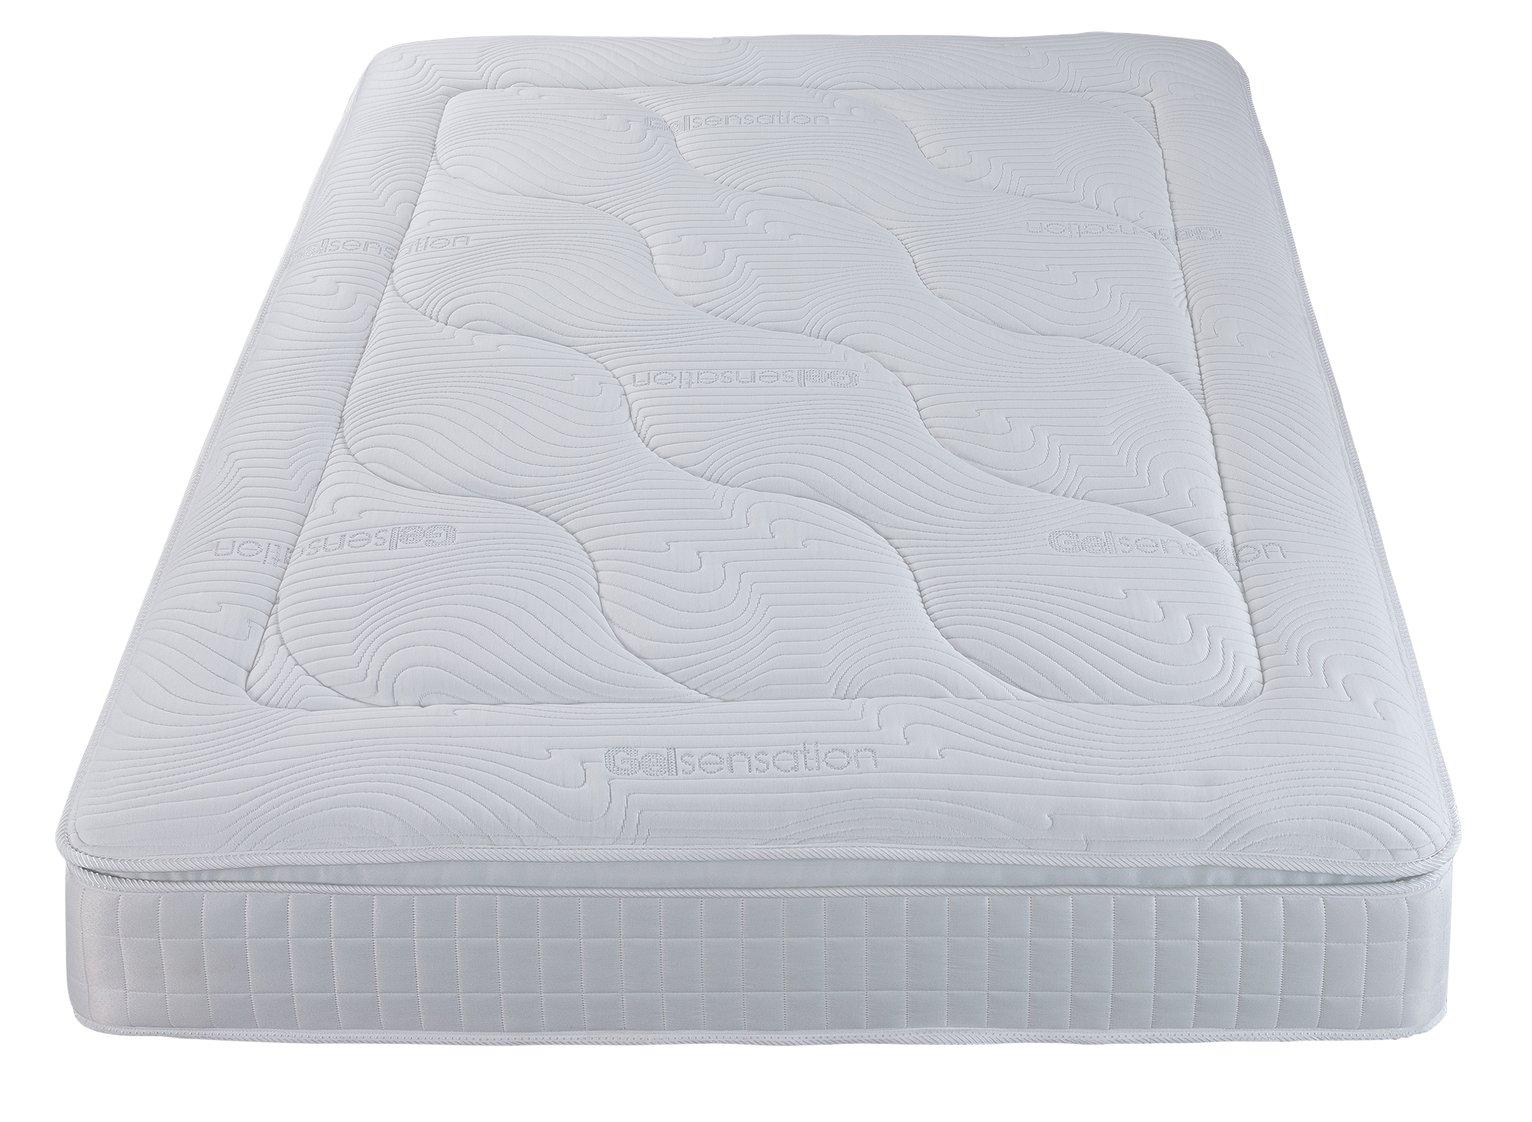 Sleepeezee Gel 1600 Pillowtop Mattress - Double